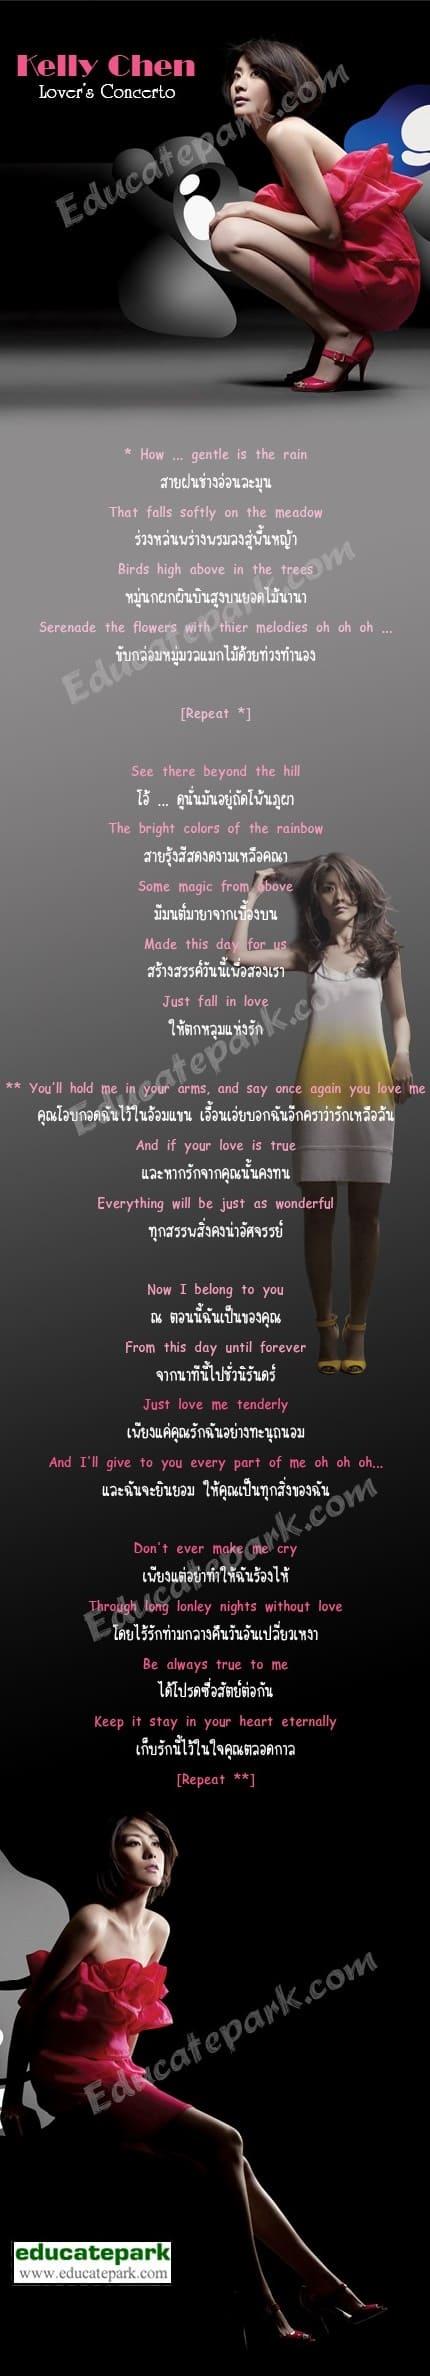 แปลเพลง Lover's Concerto - Kelly Chen